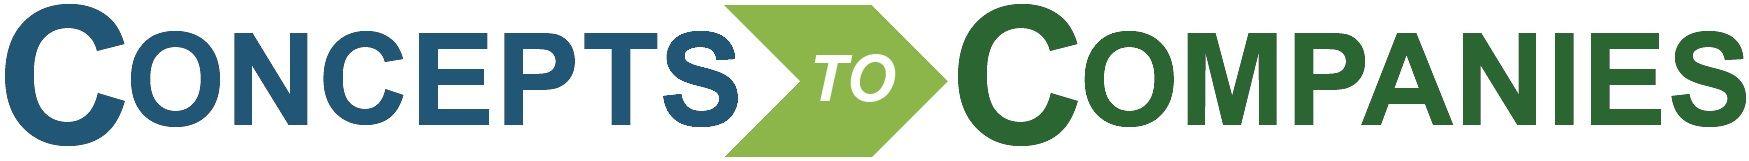 conceptstocompanies Logo